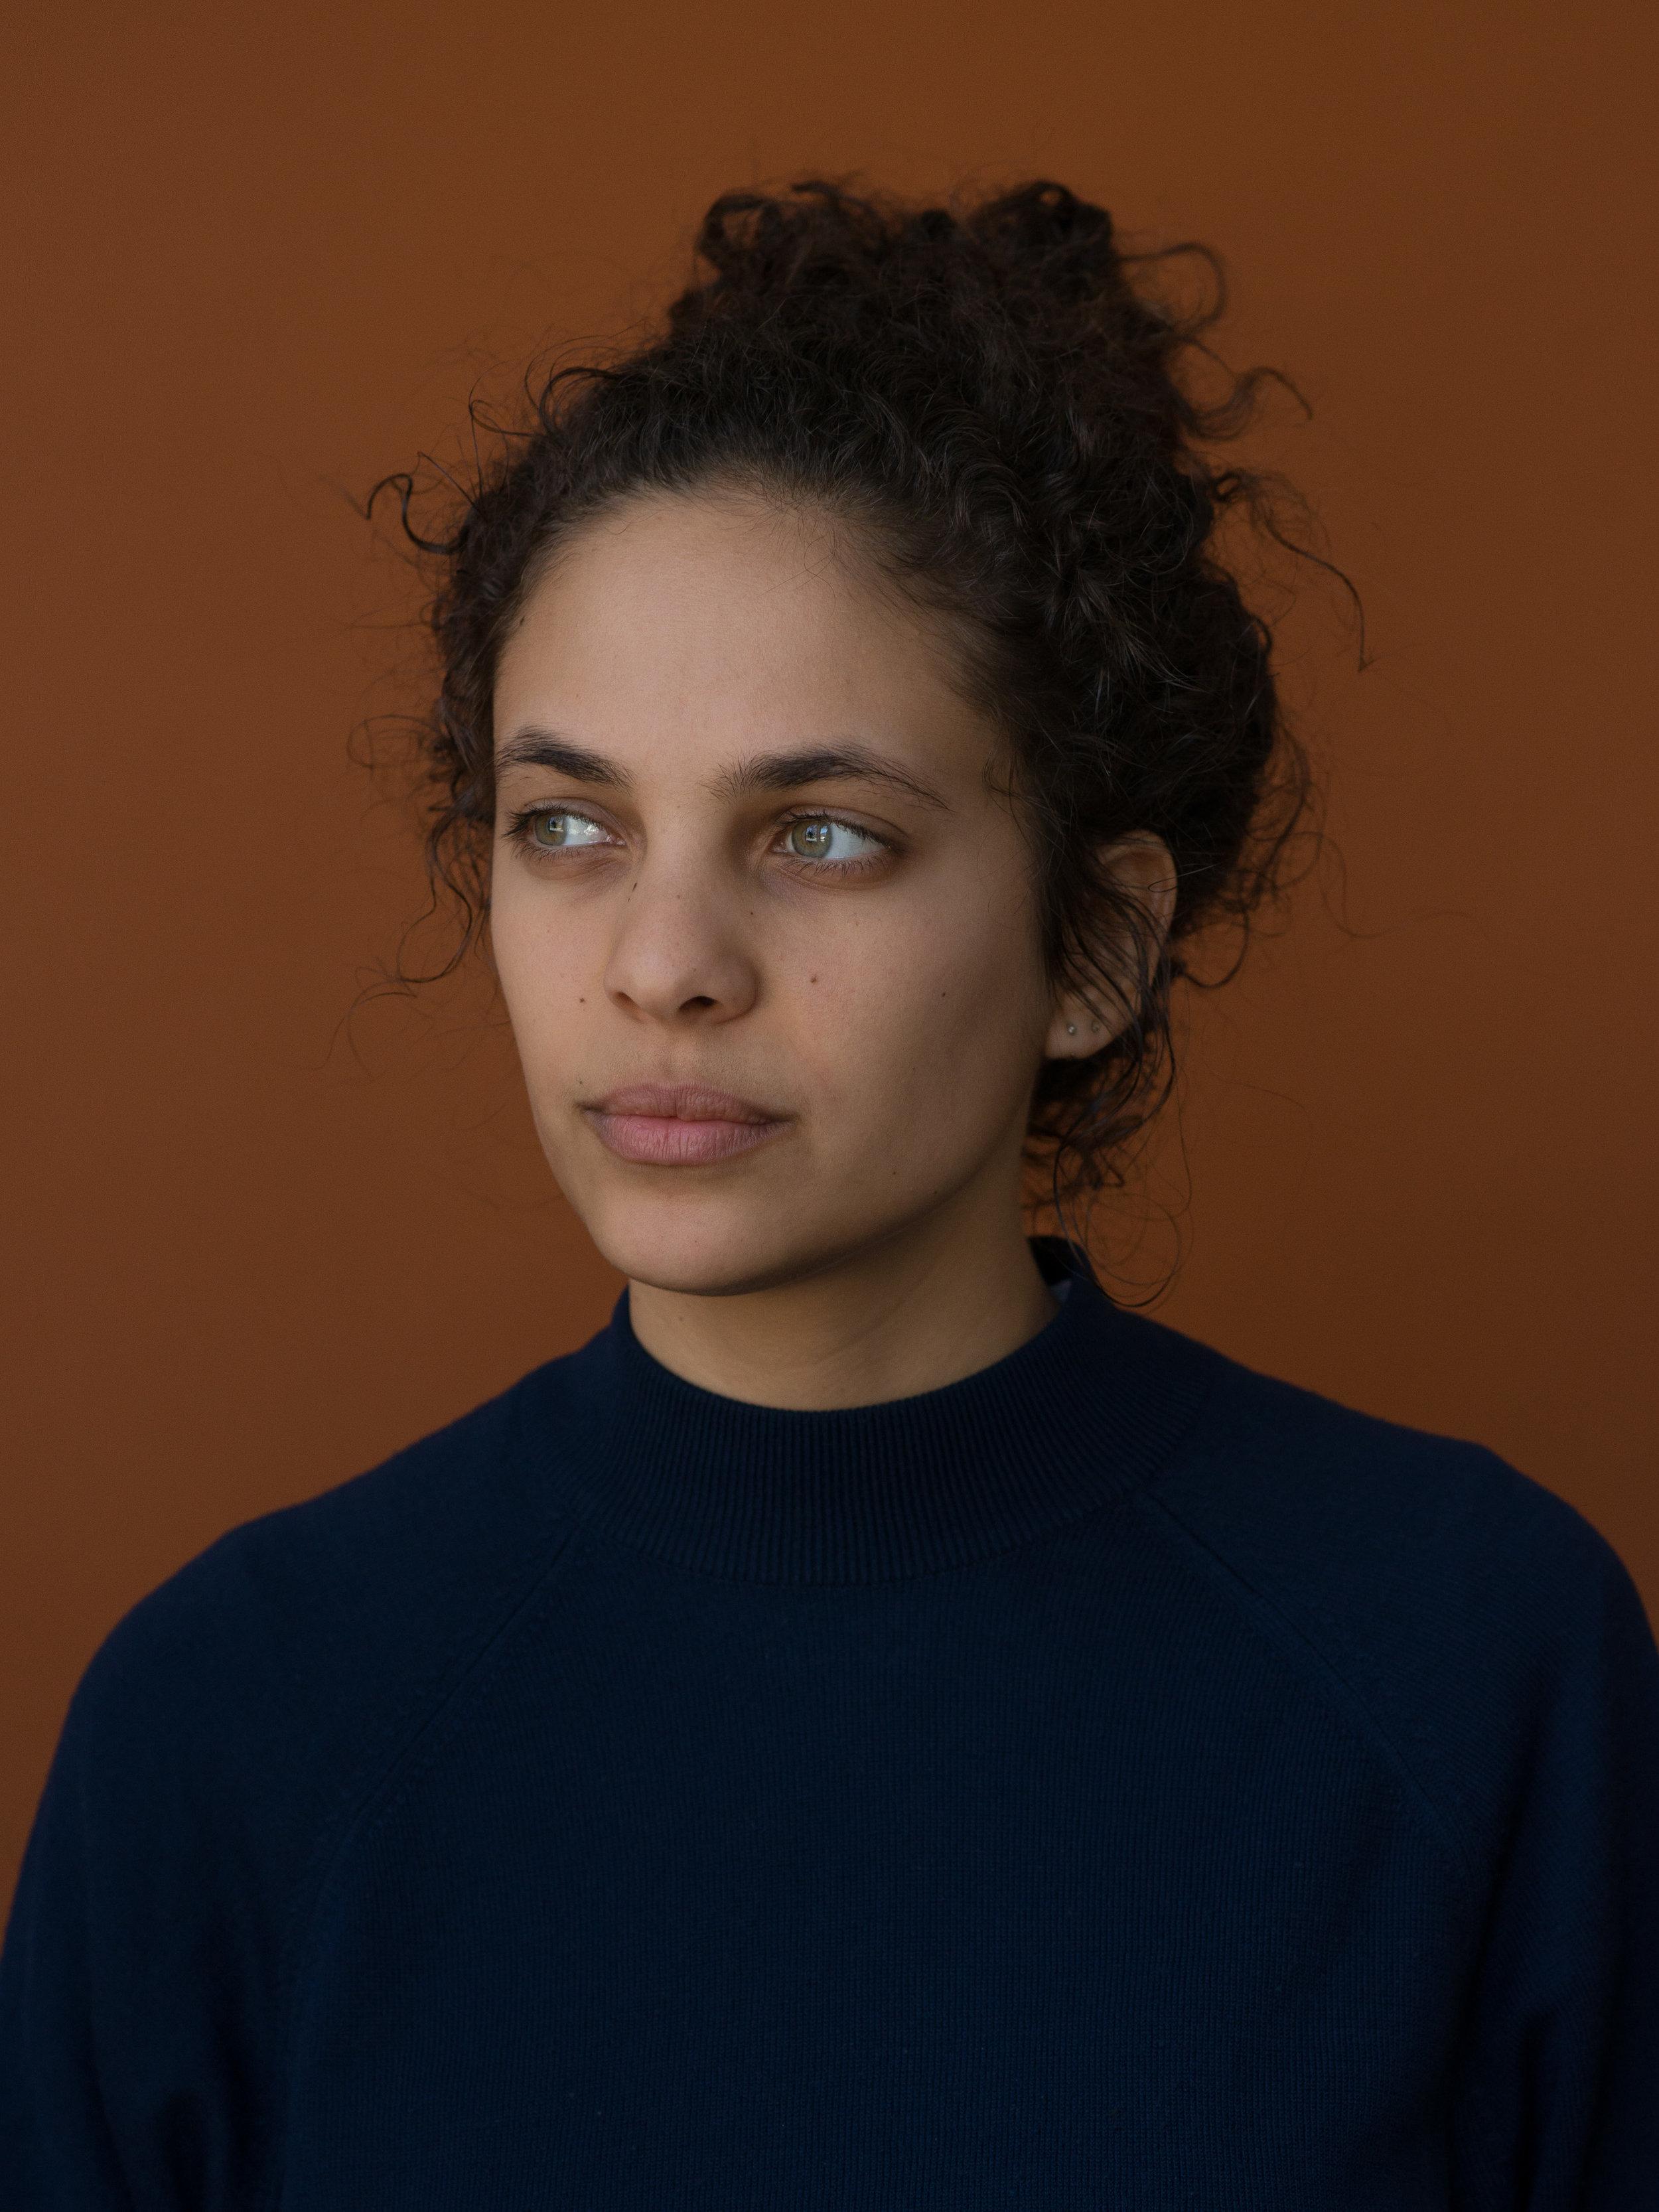 Estelle, 2018